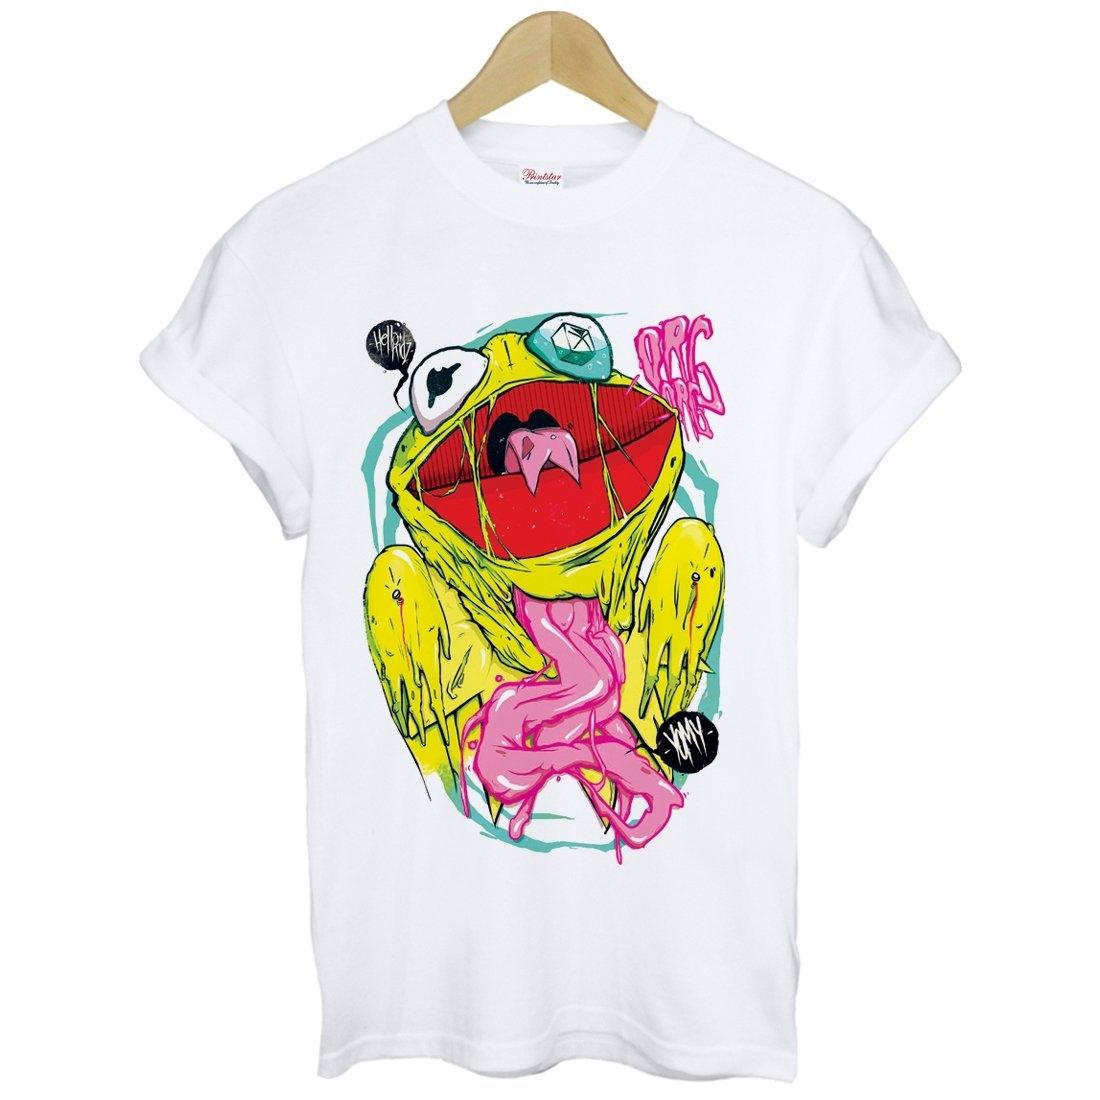 Kermit Frog Hello短袖T恤-白色青蛙插畫塗鴉設計衝浪滑板街頭刺青裸女設計插畫潮流相片照片390